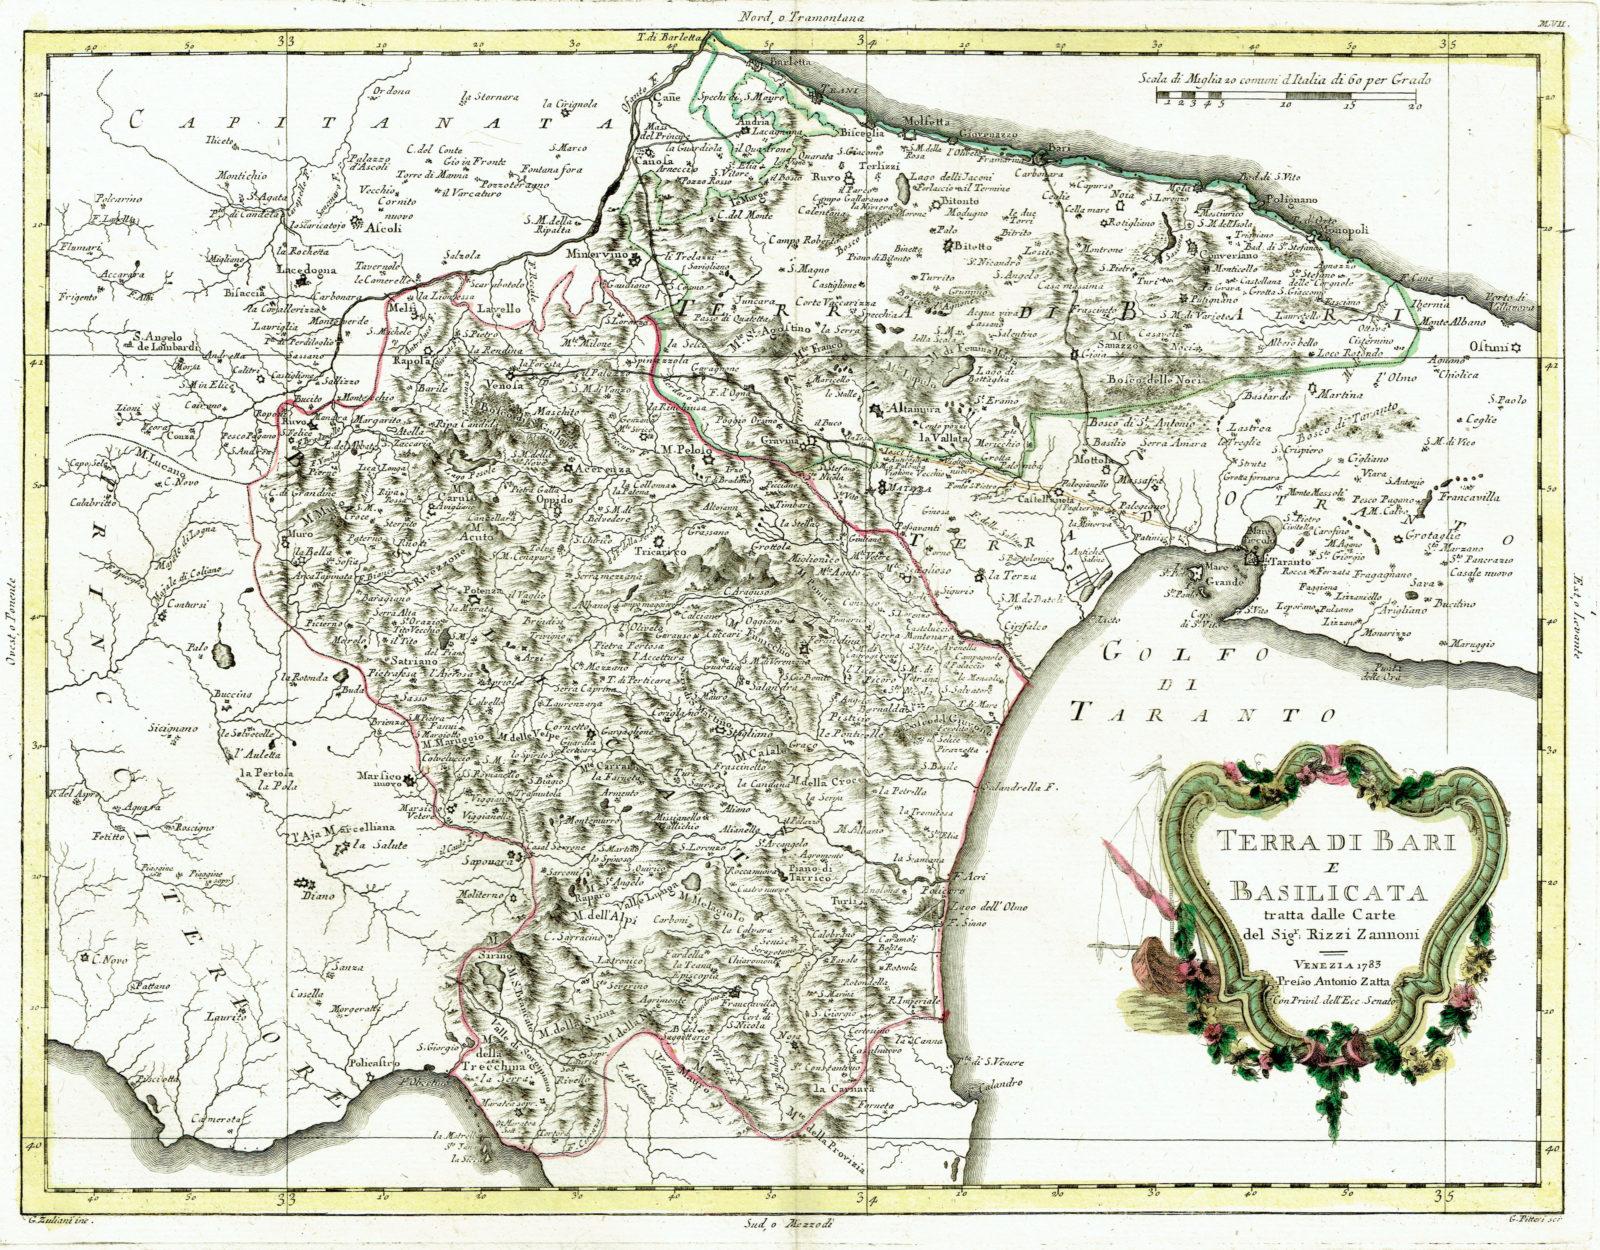 Cartina Calabria E Basilicata.Antica Mappa Della Puglia E Basilicata Idea Rare Maps